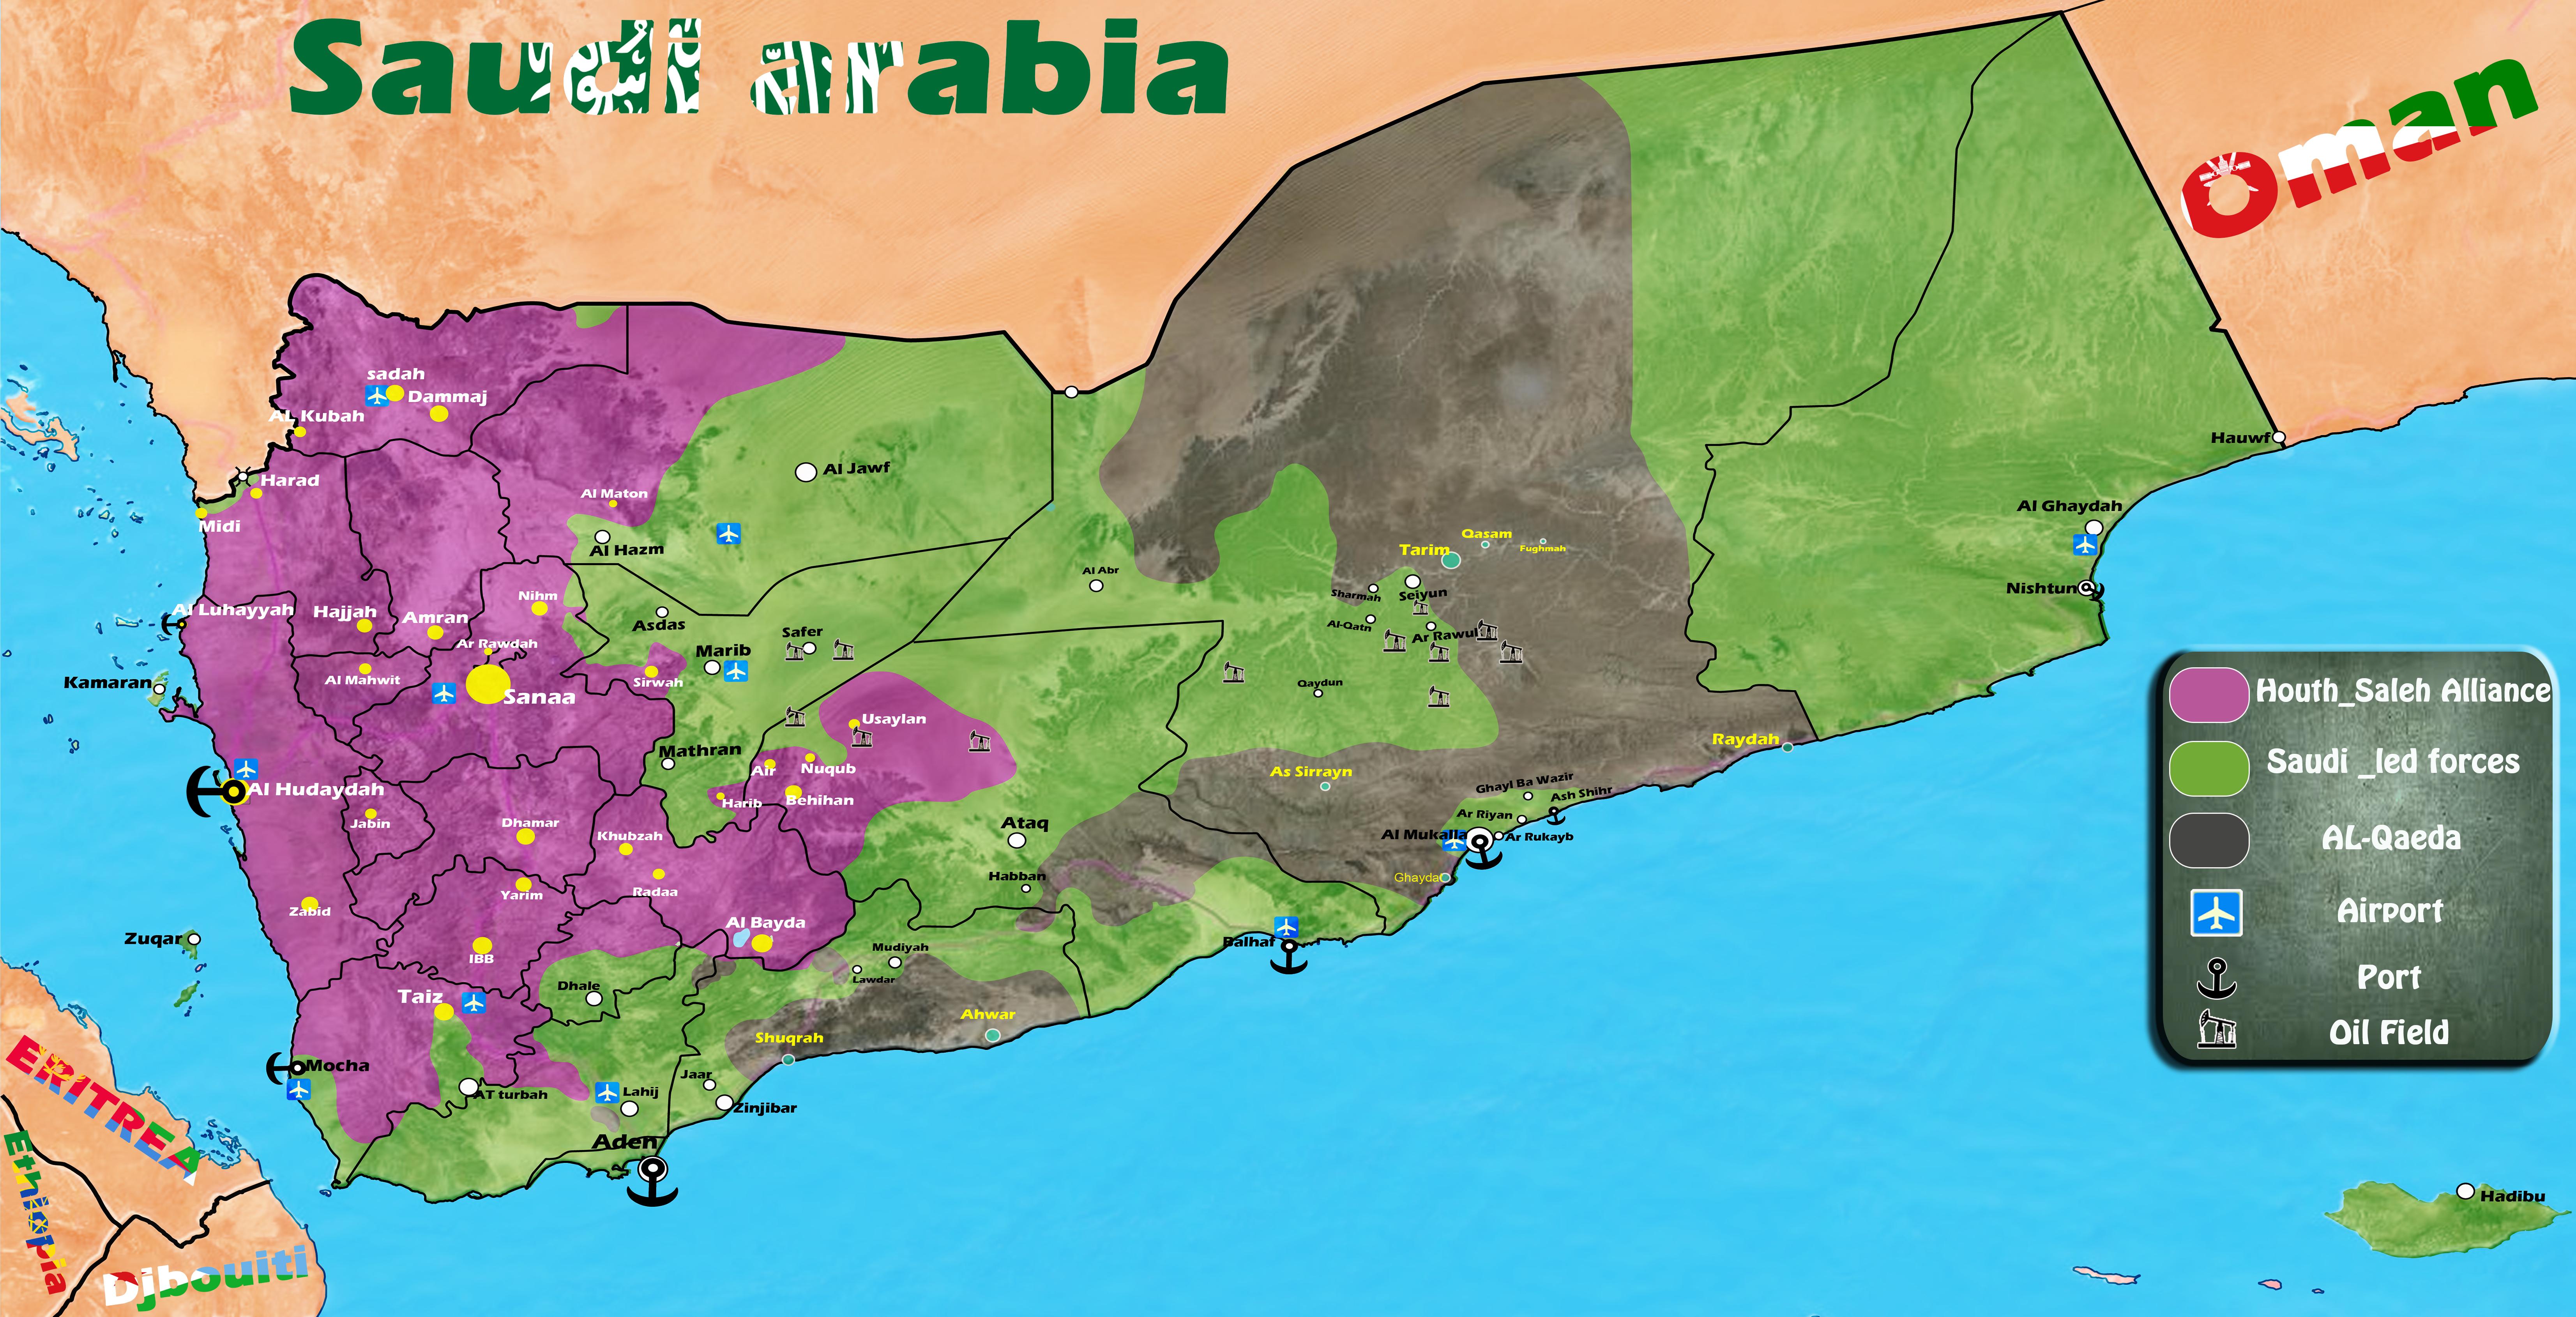 Led Coalition To Reopen Hodeidah Port And Sanaa Airport In Yemen - Sanaa map